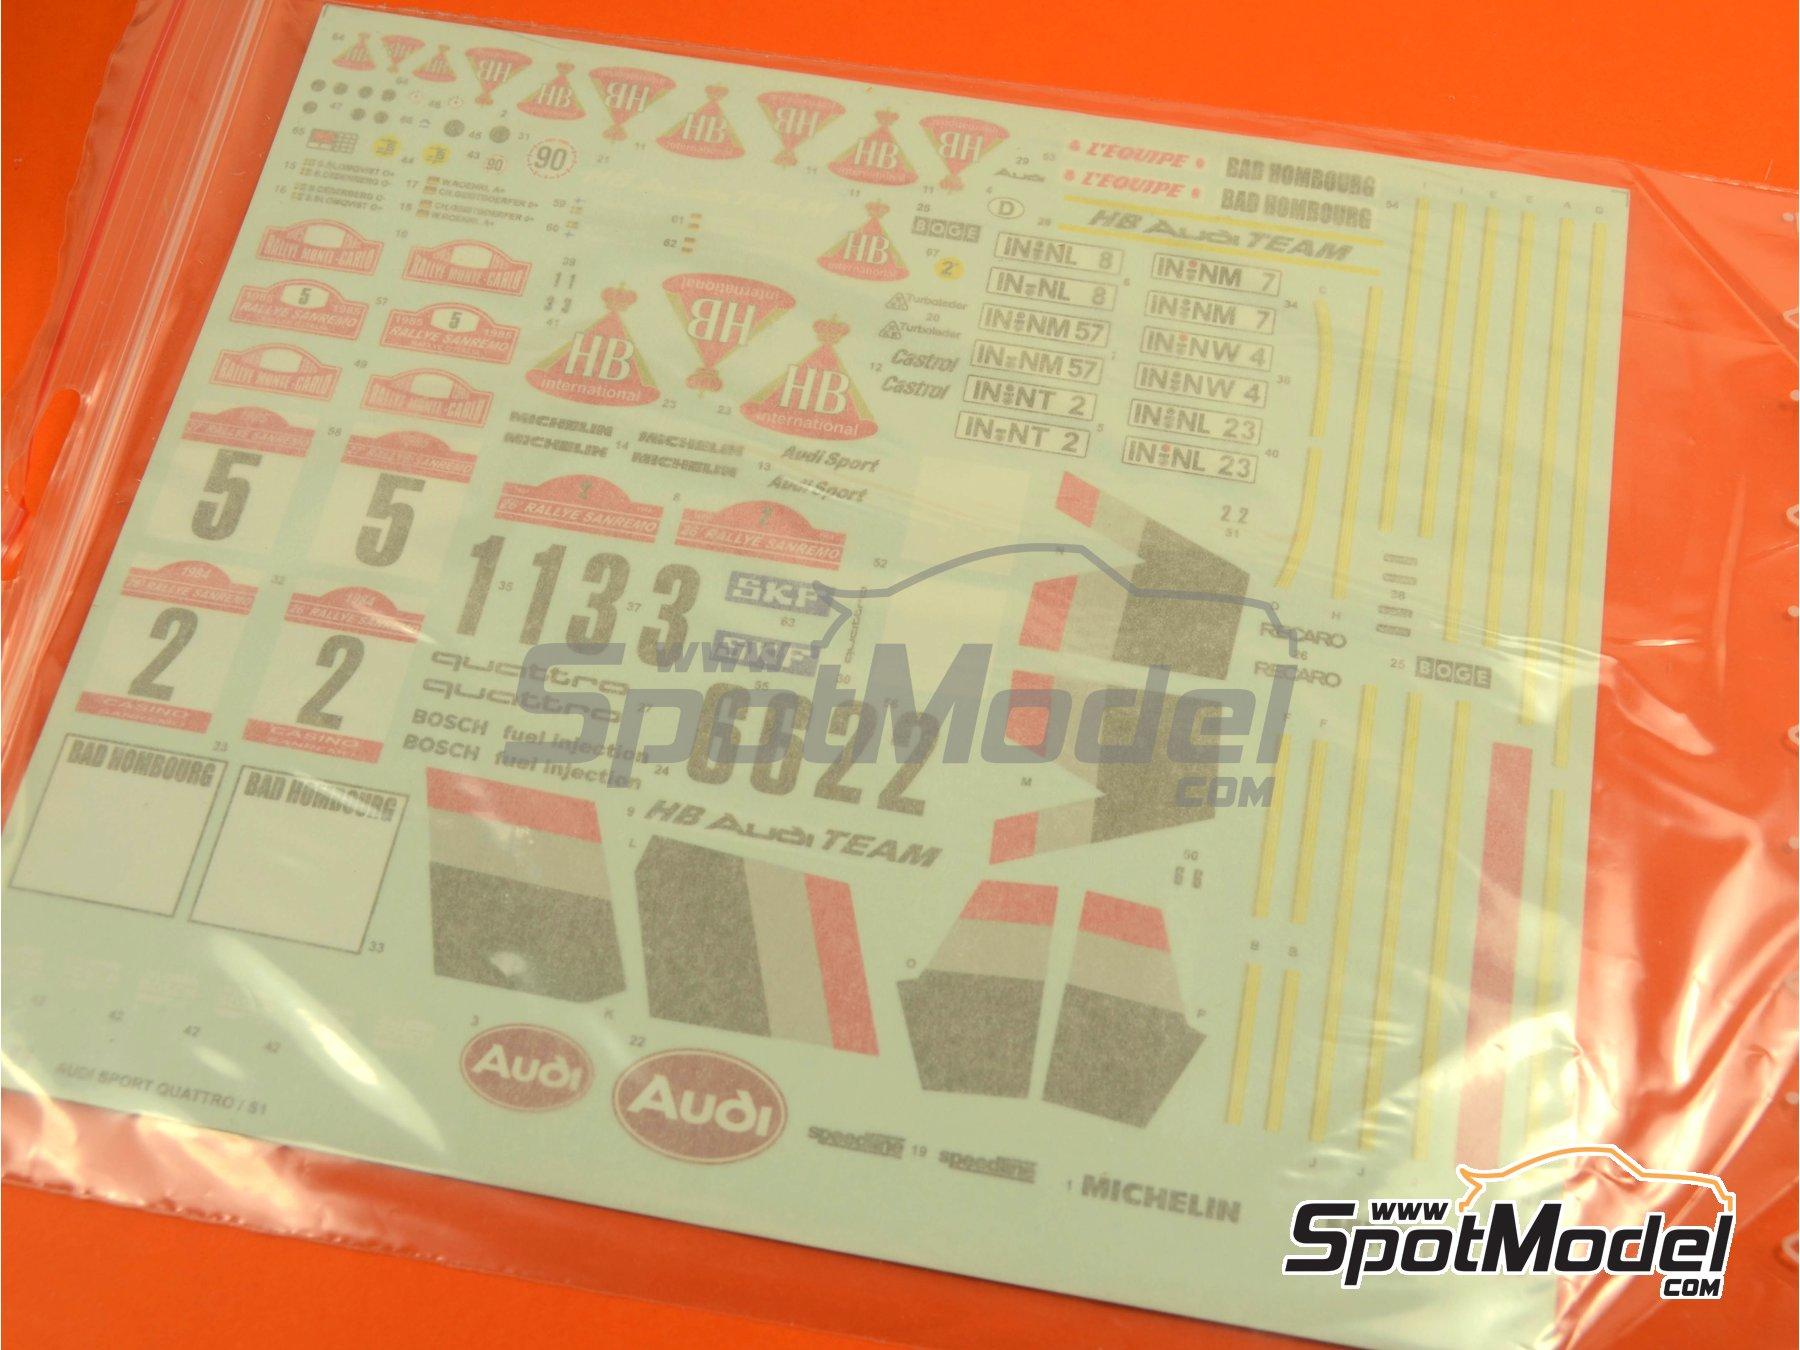 Image 24: Audi Quattro Sport S1 HB - Montecarlo Rally - Rallye Automobile de Monte-Carlo, Sanremo Rally 1985 and 1986   Model car kit in 1/24 scale manufactured by Reji Model (ref.REJI-2406, also 2406)